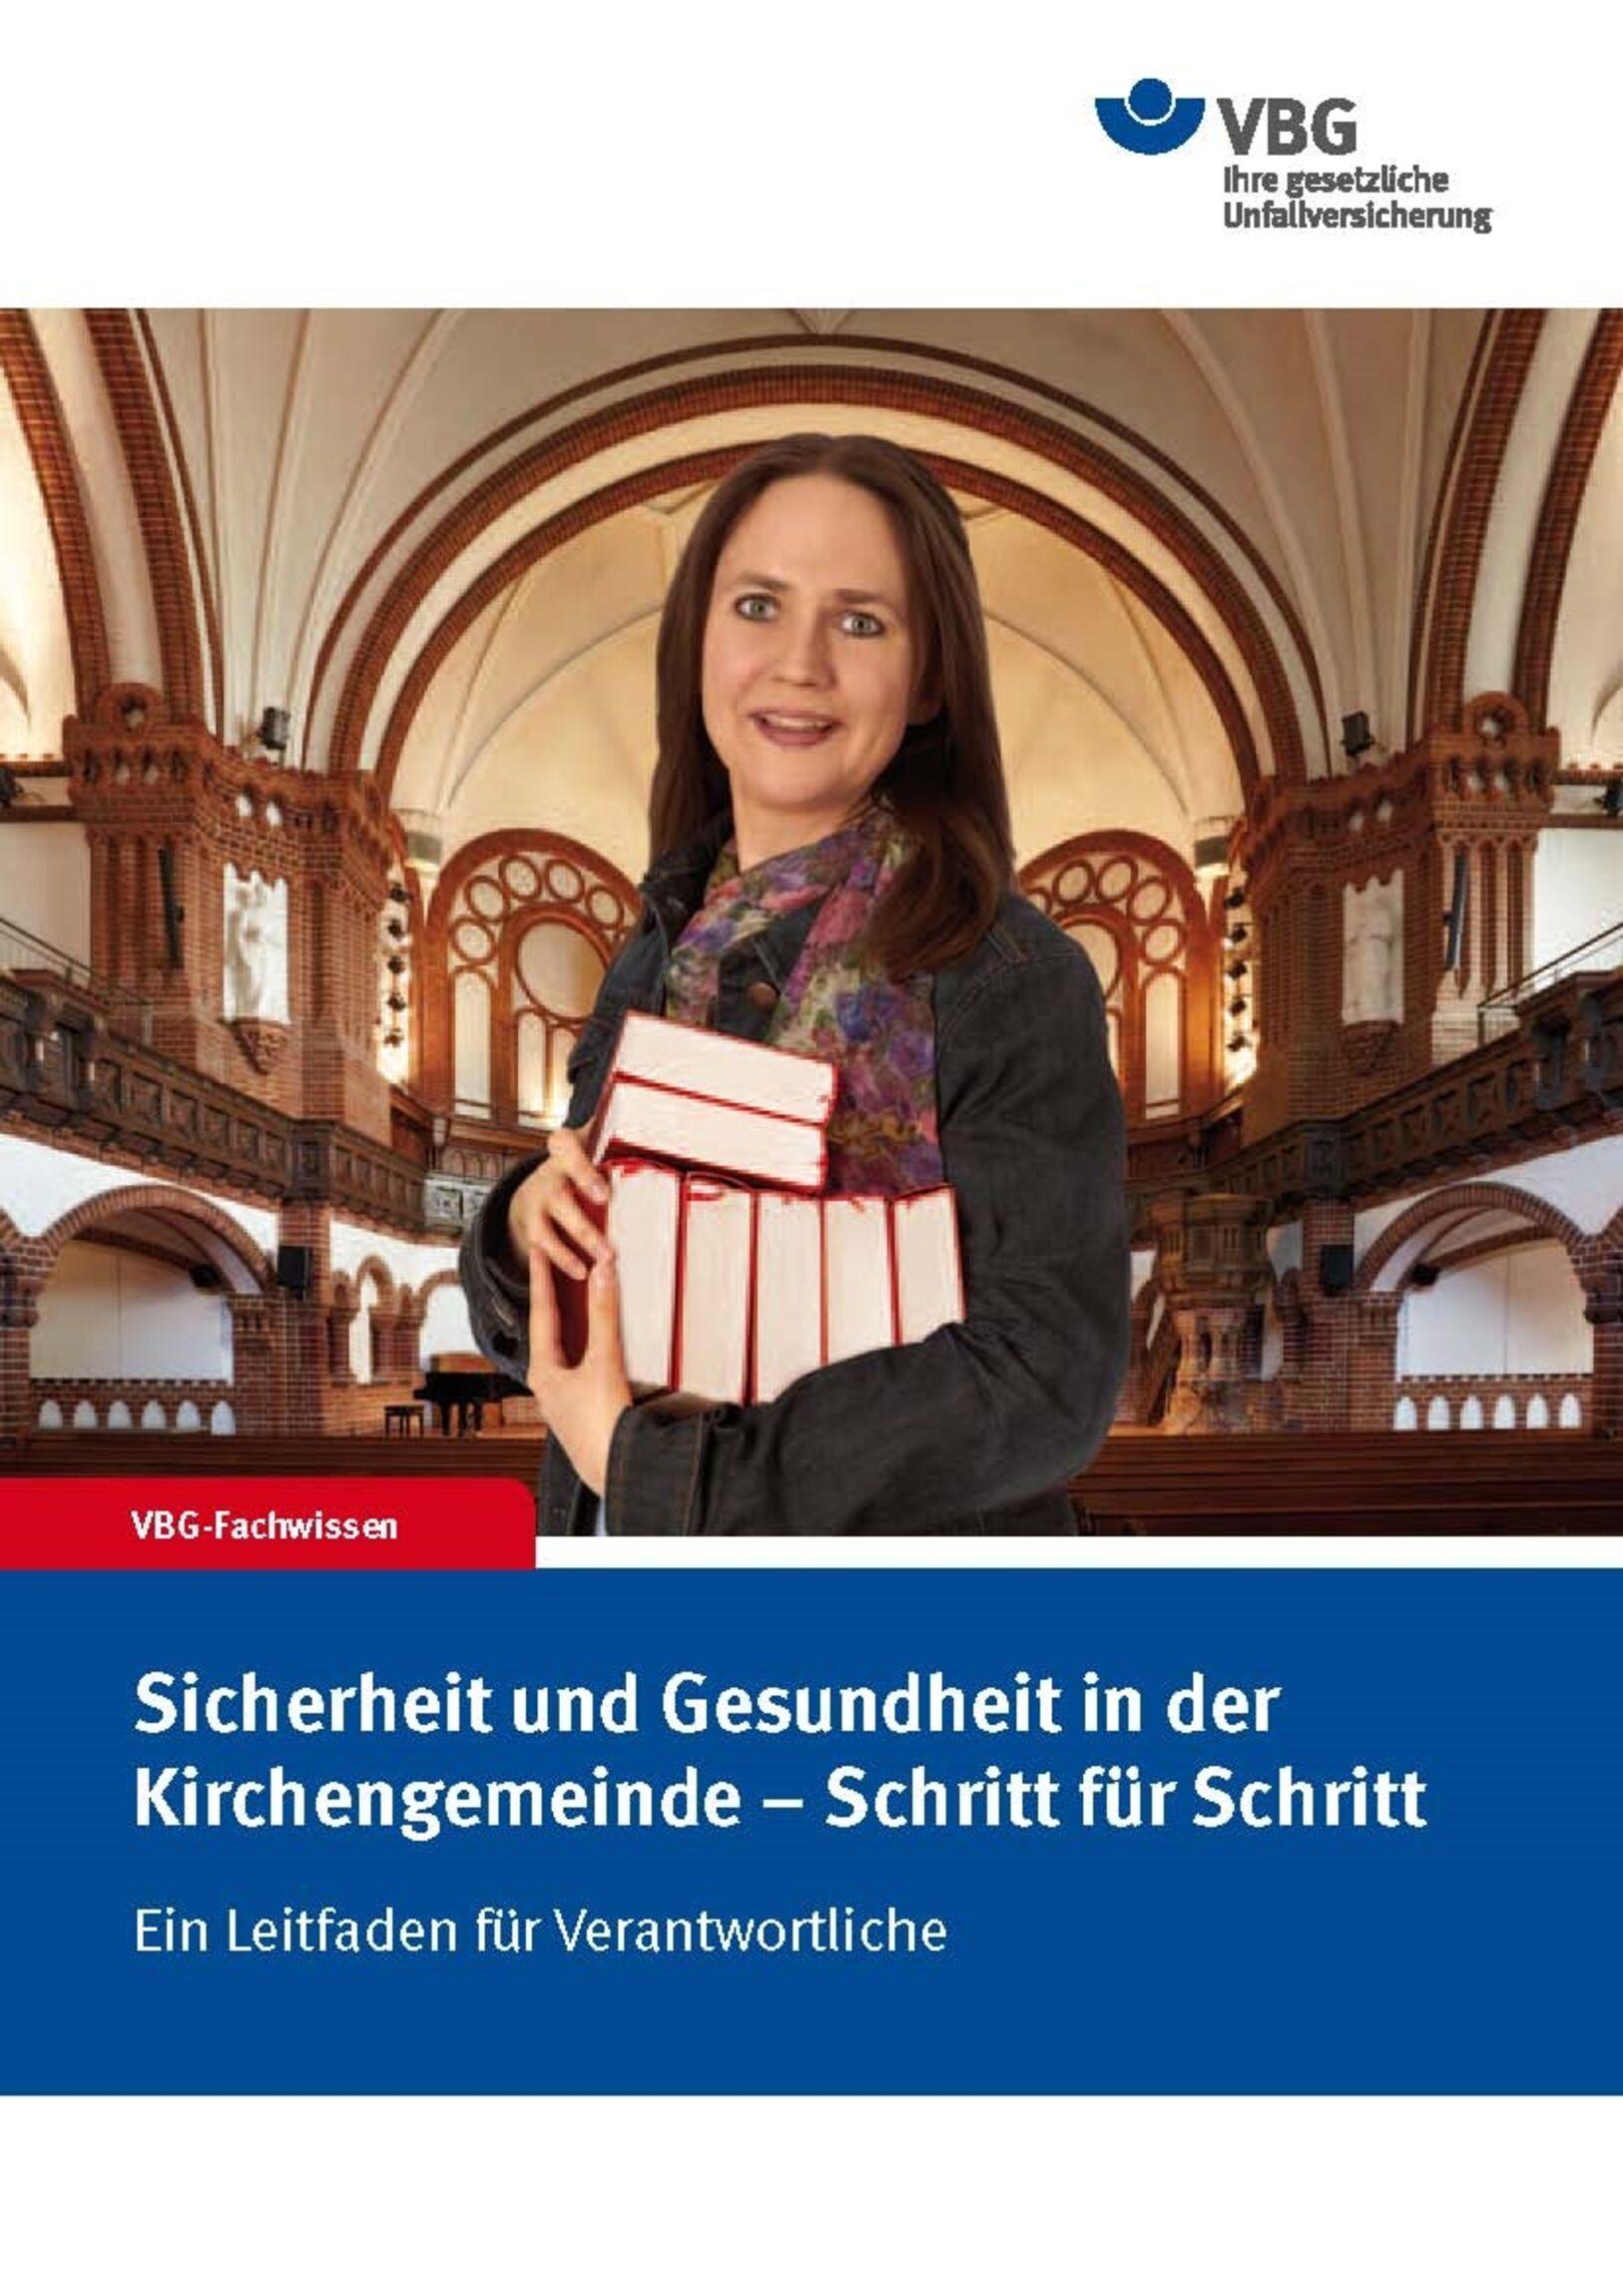 Sicherheit_und_Gesundheit_in_der_Kirchengemeinde_Schritt_fuer_Schritt_Titel